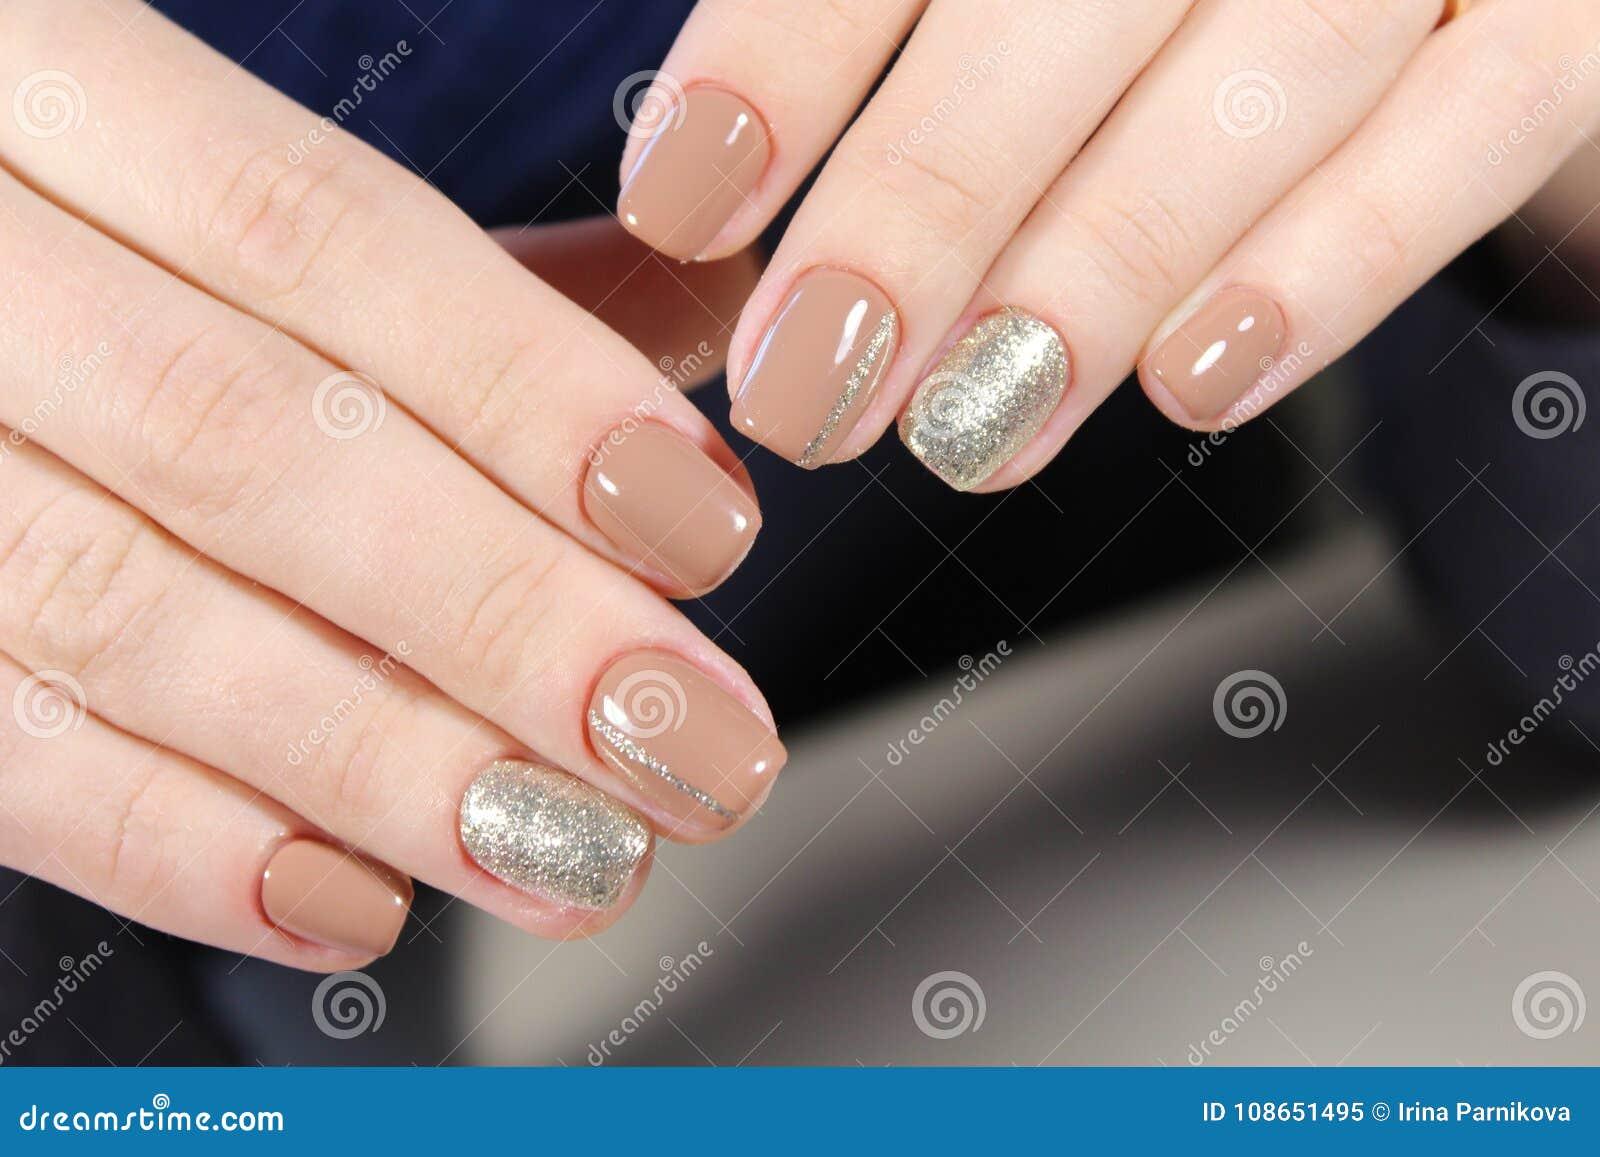 Дизайн Миндальных Ногтей Френч